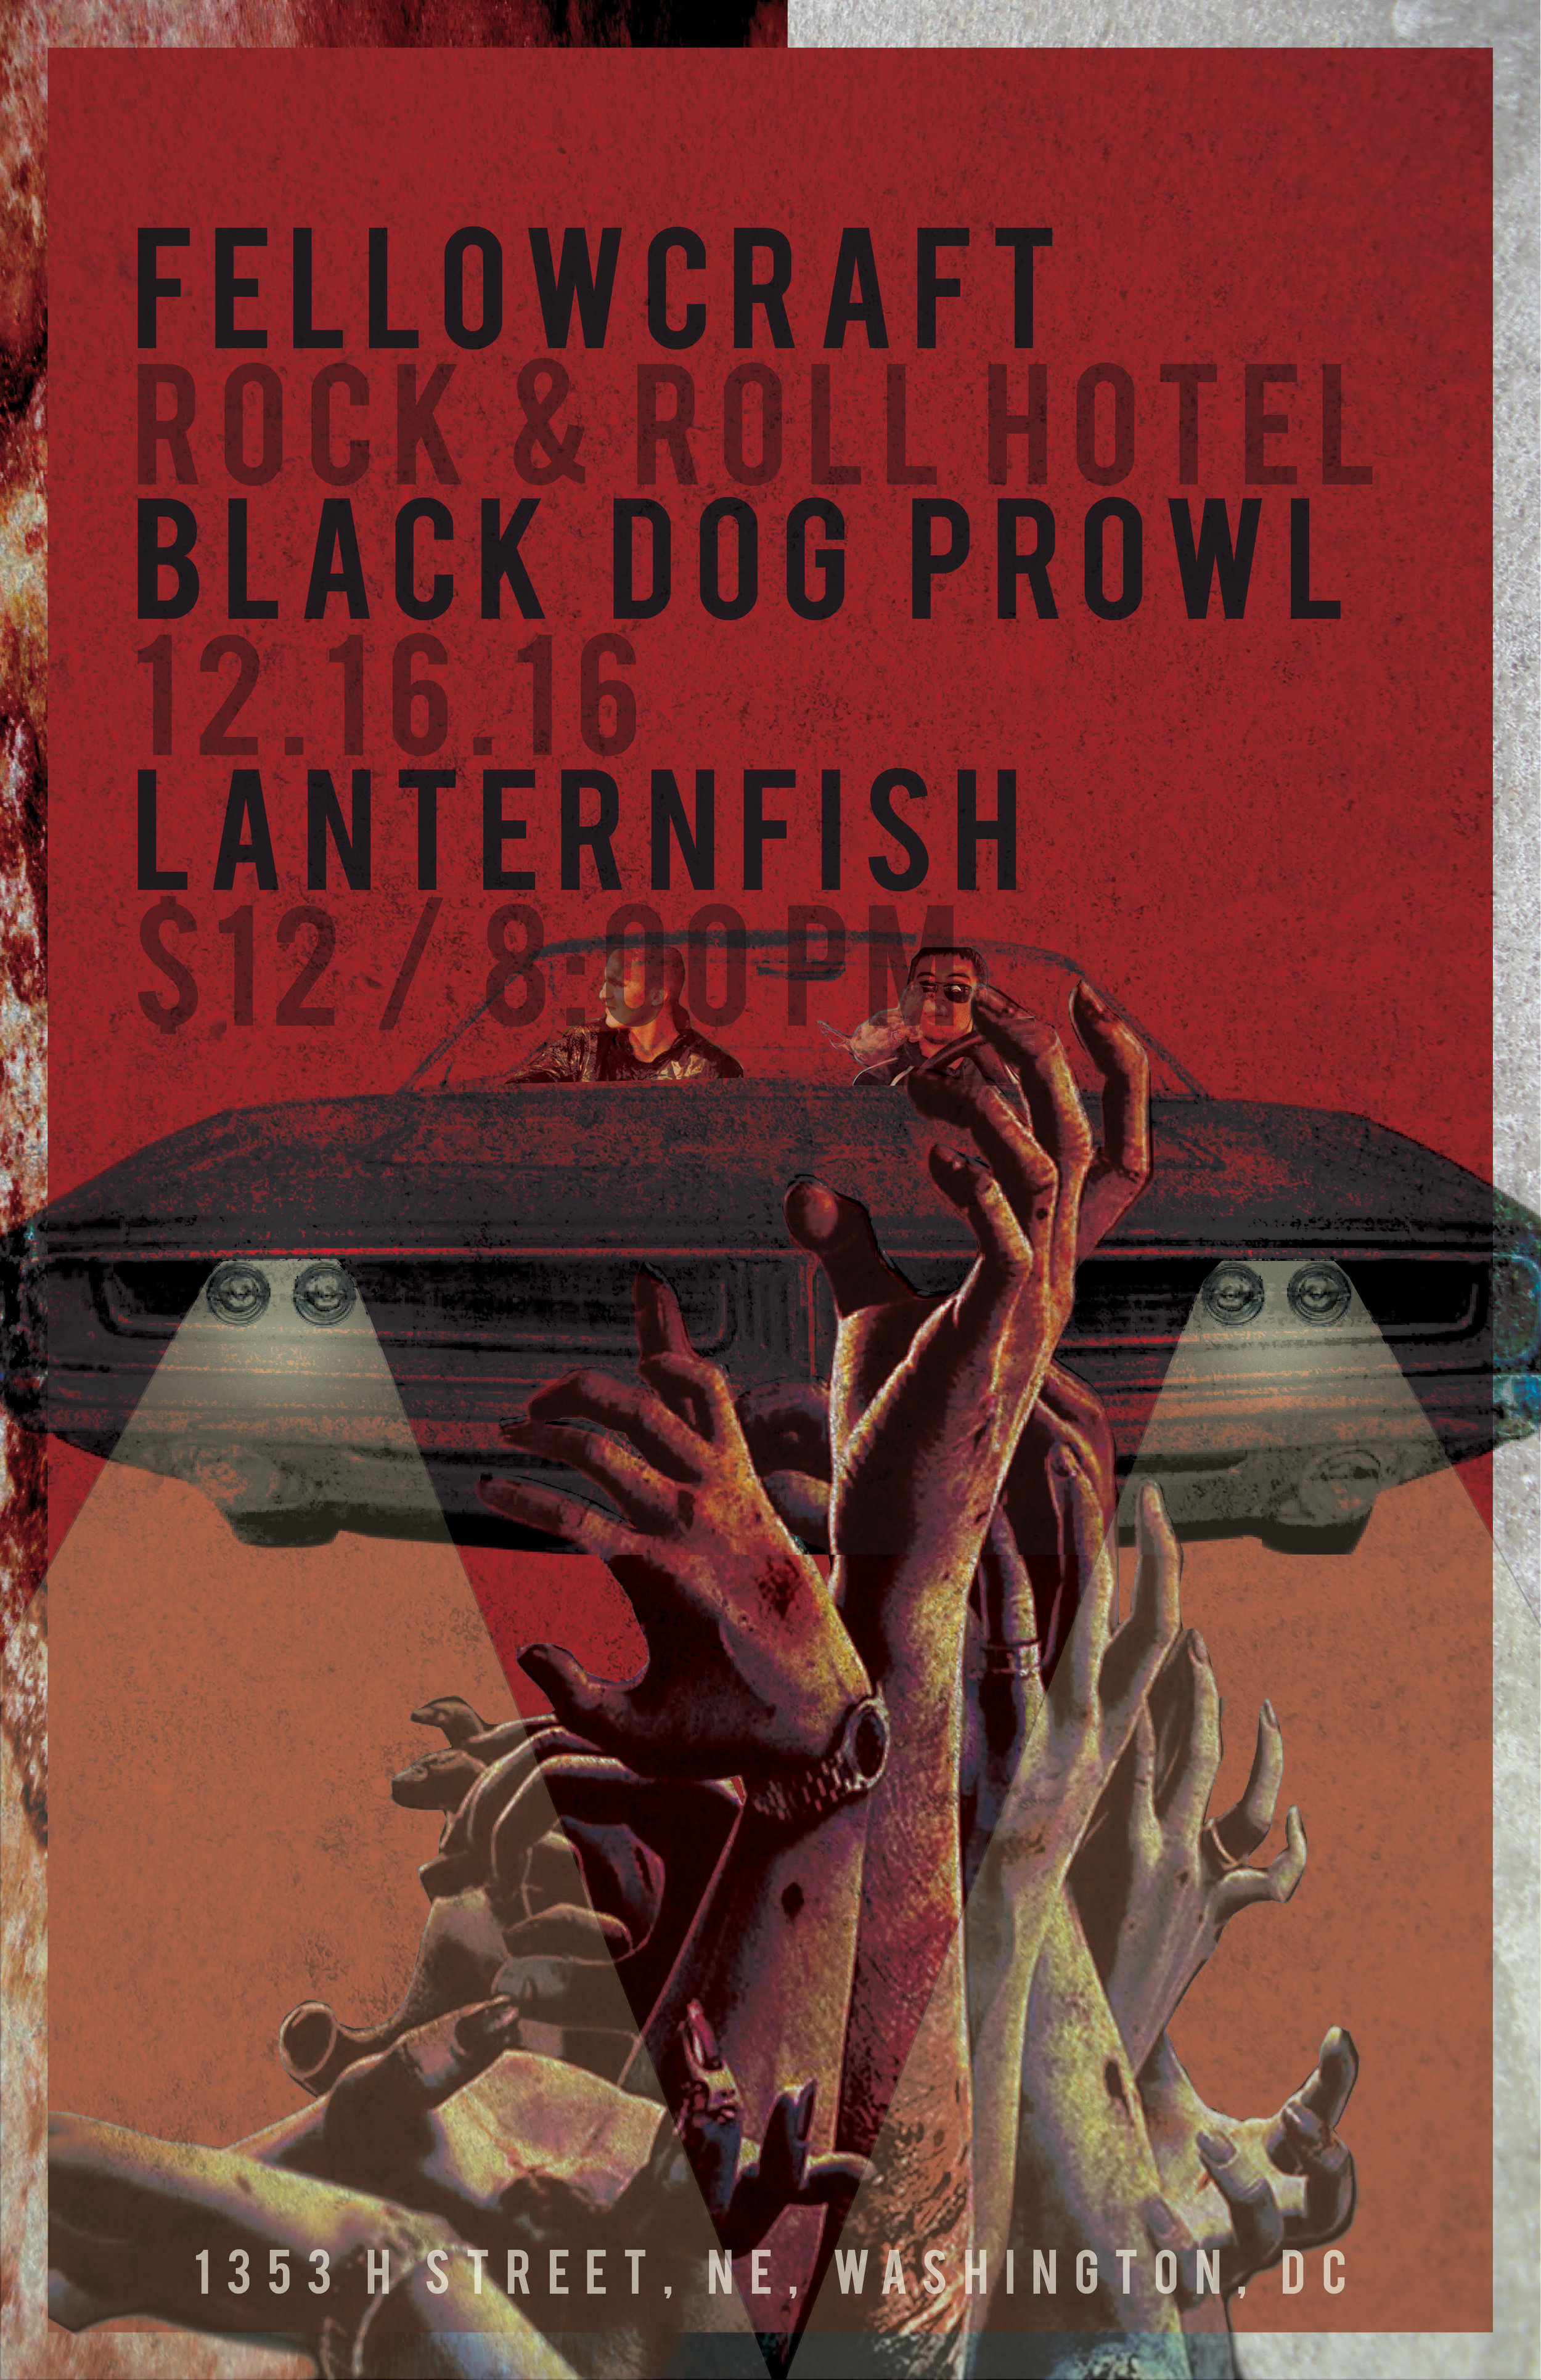 Fellowcraft Black Dog Prowl Lanternfish RocknRoll Hotel